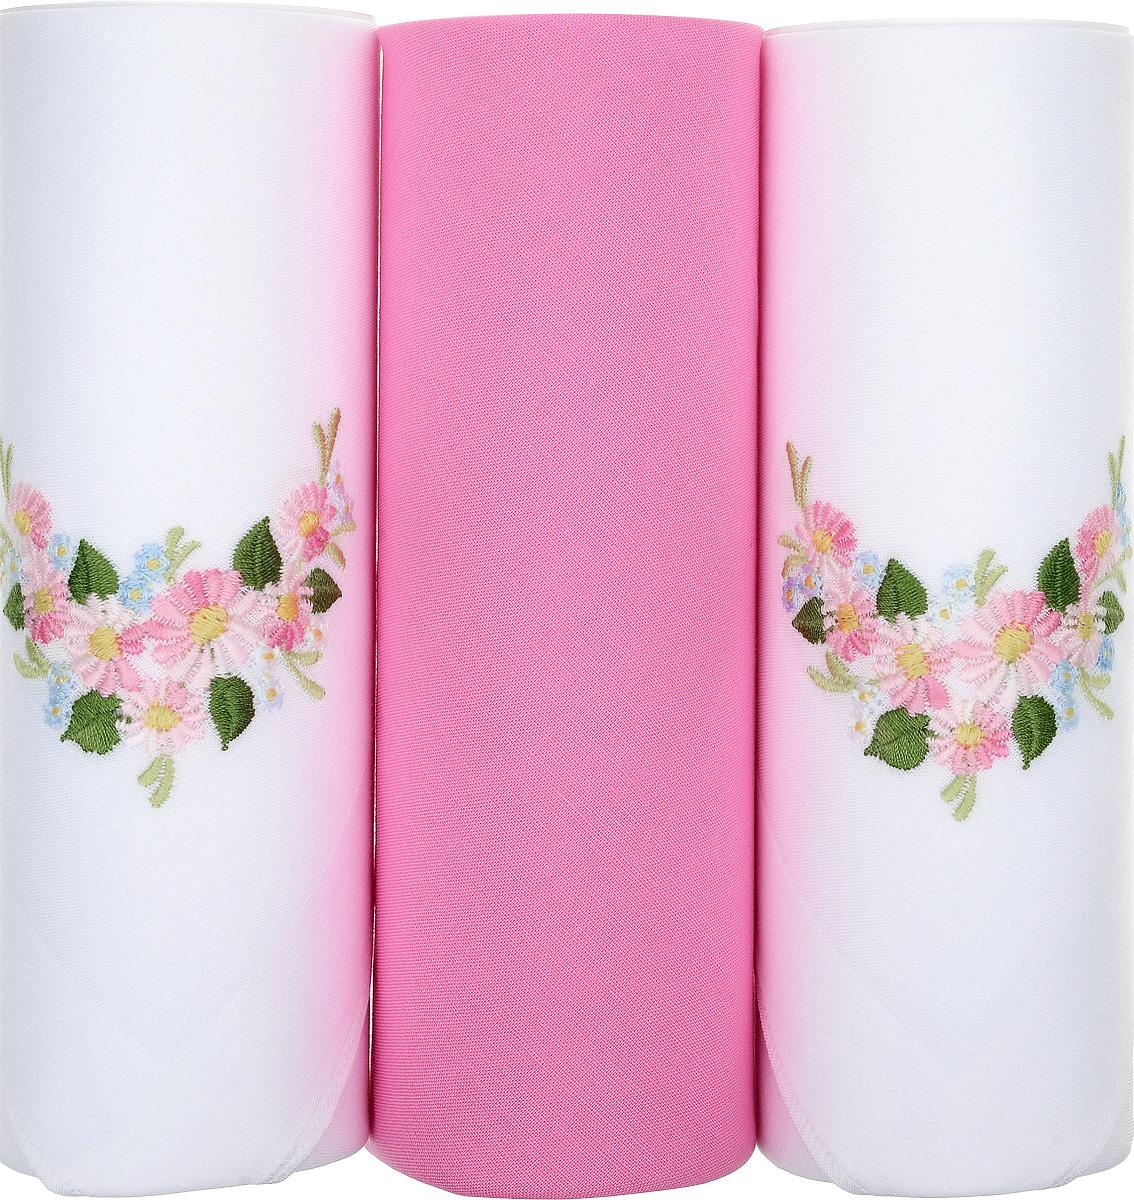 Платок носовой женский Zlata Korunka, цвет: белый, розовый, 3 шт. 25605-19. Размер 30 см х 30 см25605-19Небольшой женский носовой платок Zlata Korunka изготовлен из высококачественного натурального хлопка, благодаря чему приятен в использовании, хорошо стирается, не садится и отлично впитывает влагу. Практичный и изящный носовой платок будет незаменим в повседневной жизни любого современного человека. Такой платок послужит стильным аксессуаром и подчеркнет ваше превосходное чувство вкуса. В комплекте 3 платка.